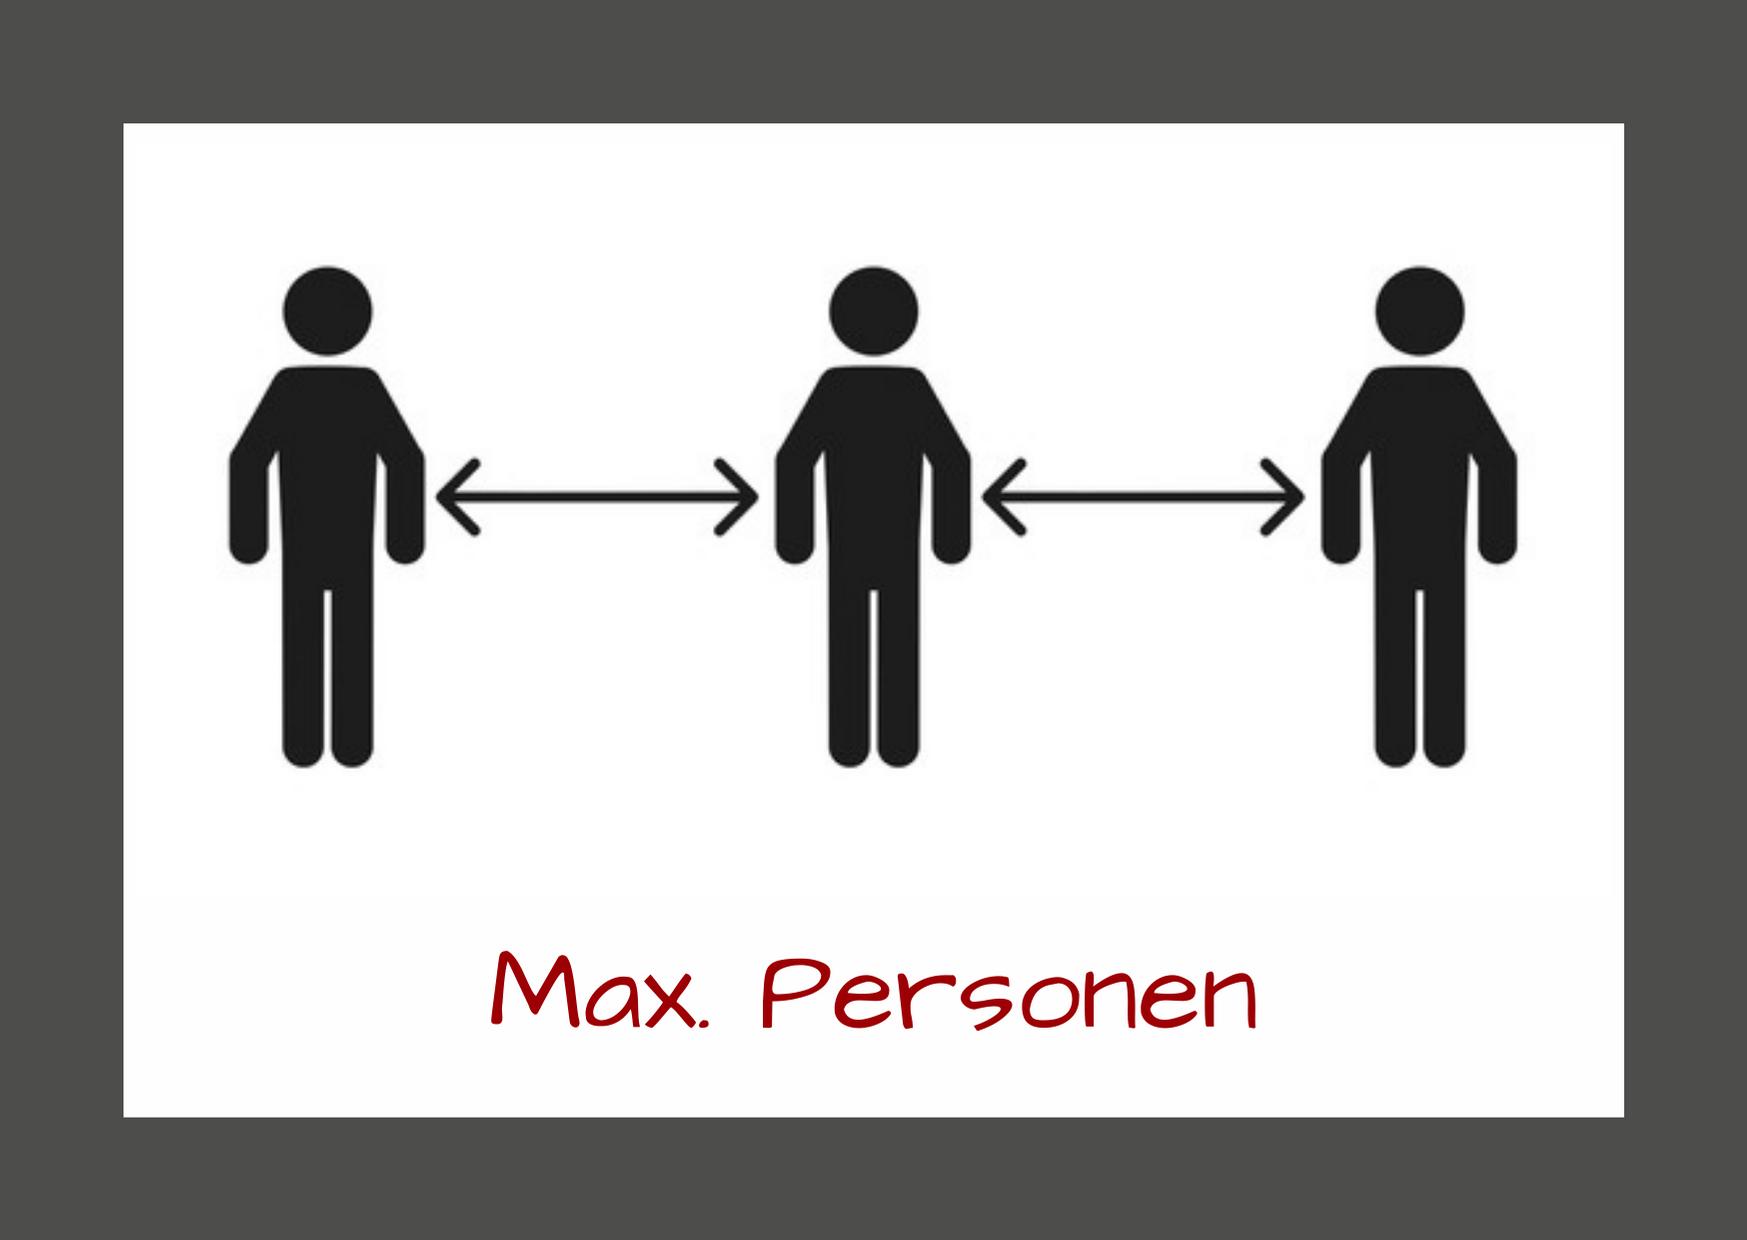 Max. Personen - Corona-Sicherheitsmaßnahmen